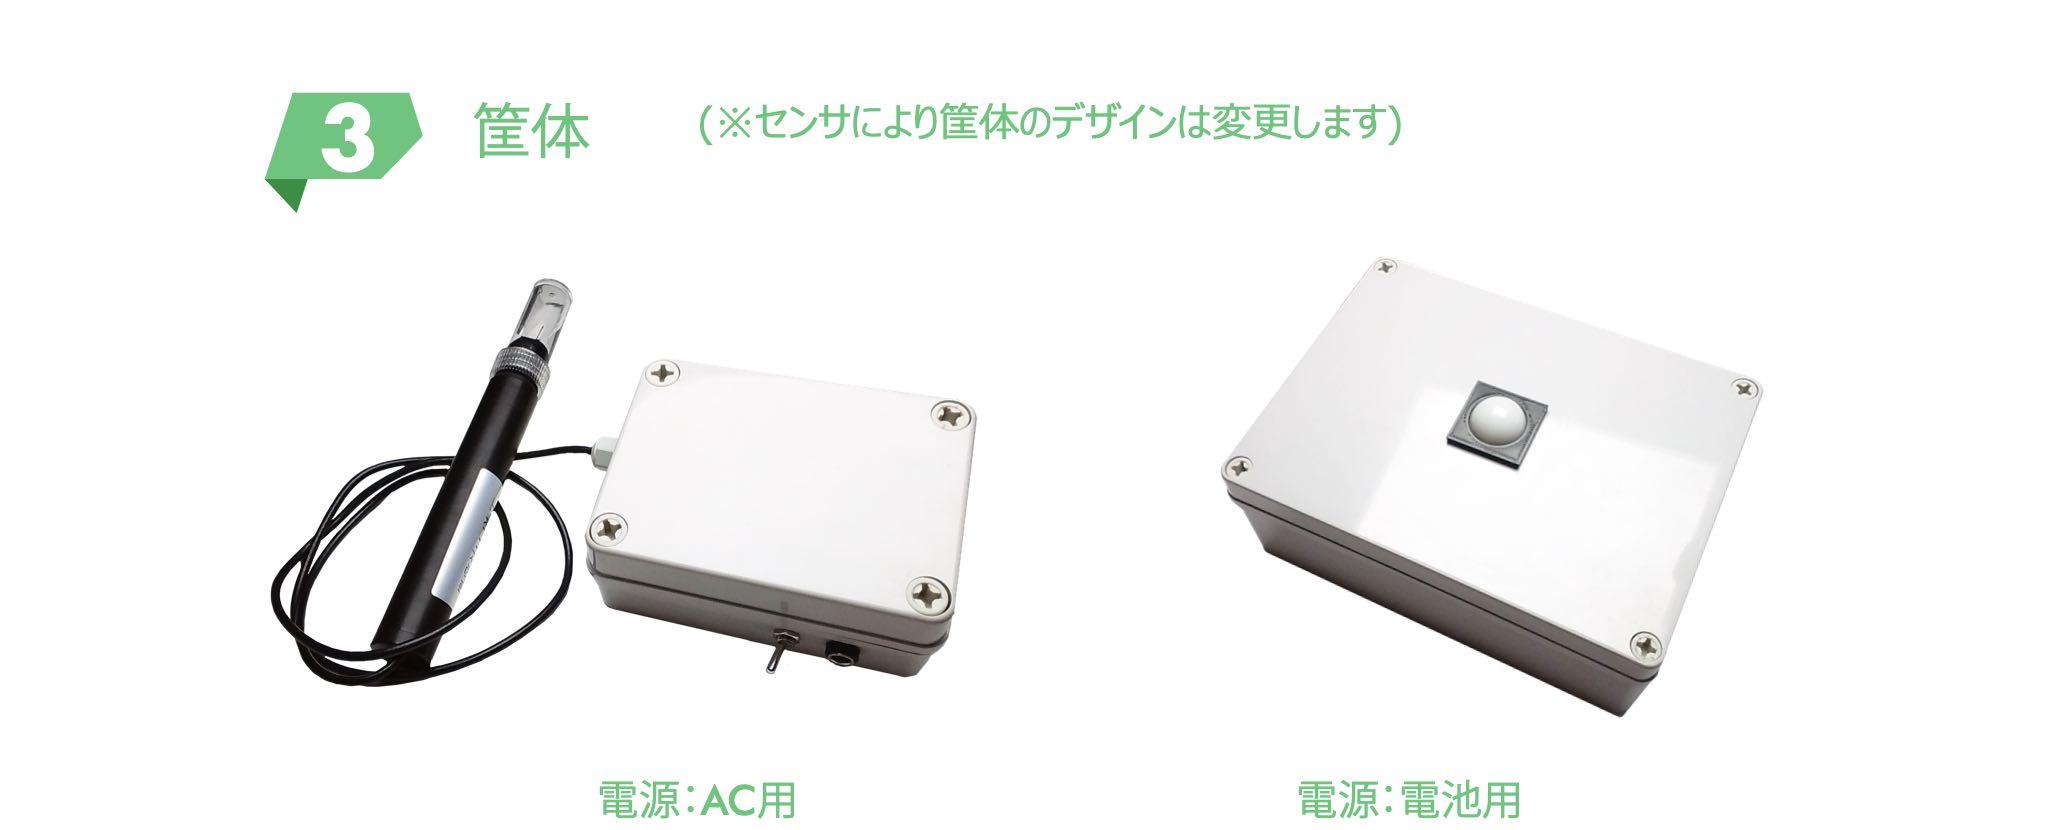 筐体 (センサにより筐体のデザインは変更します。)